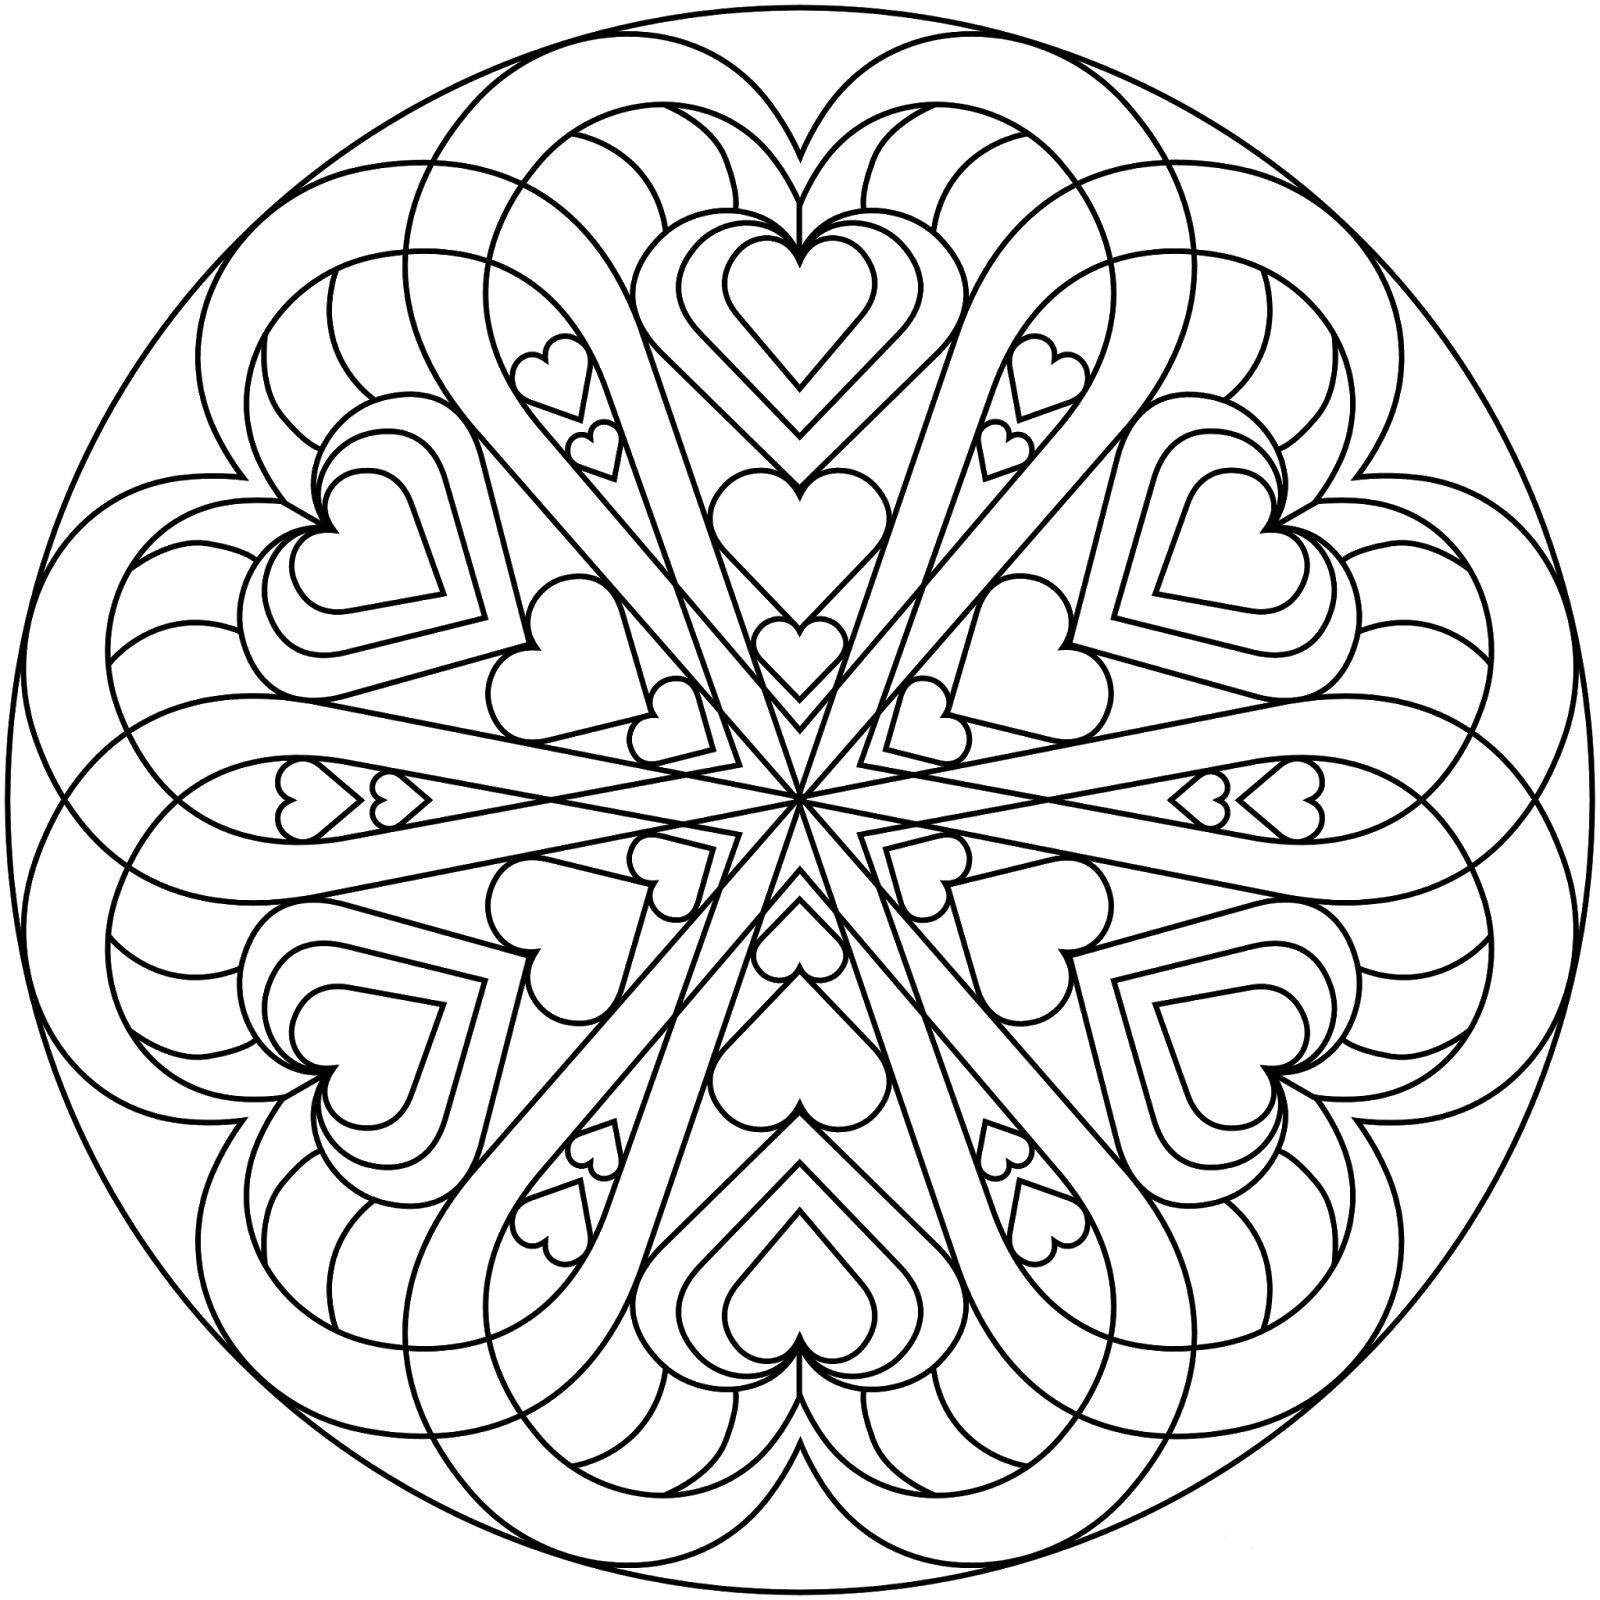 Круг с сердечками | Книжка-раскраска, Раскраски, Мандала